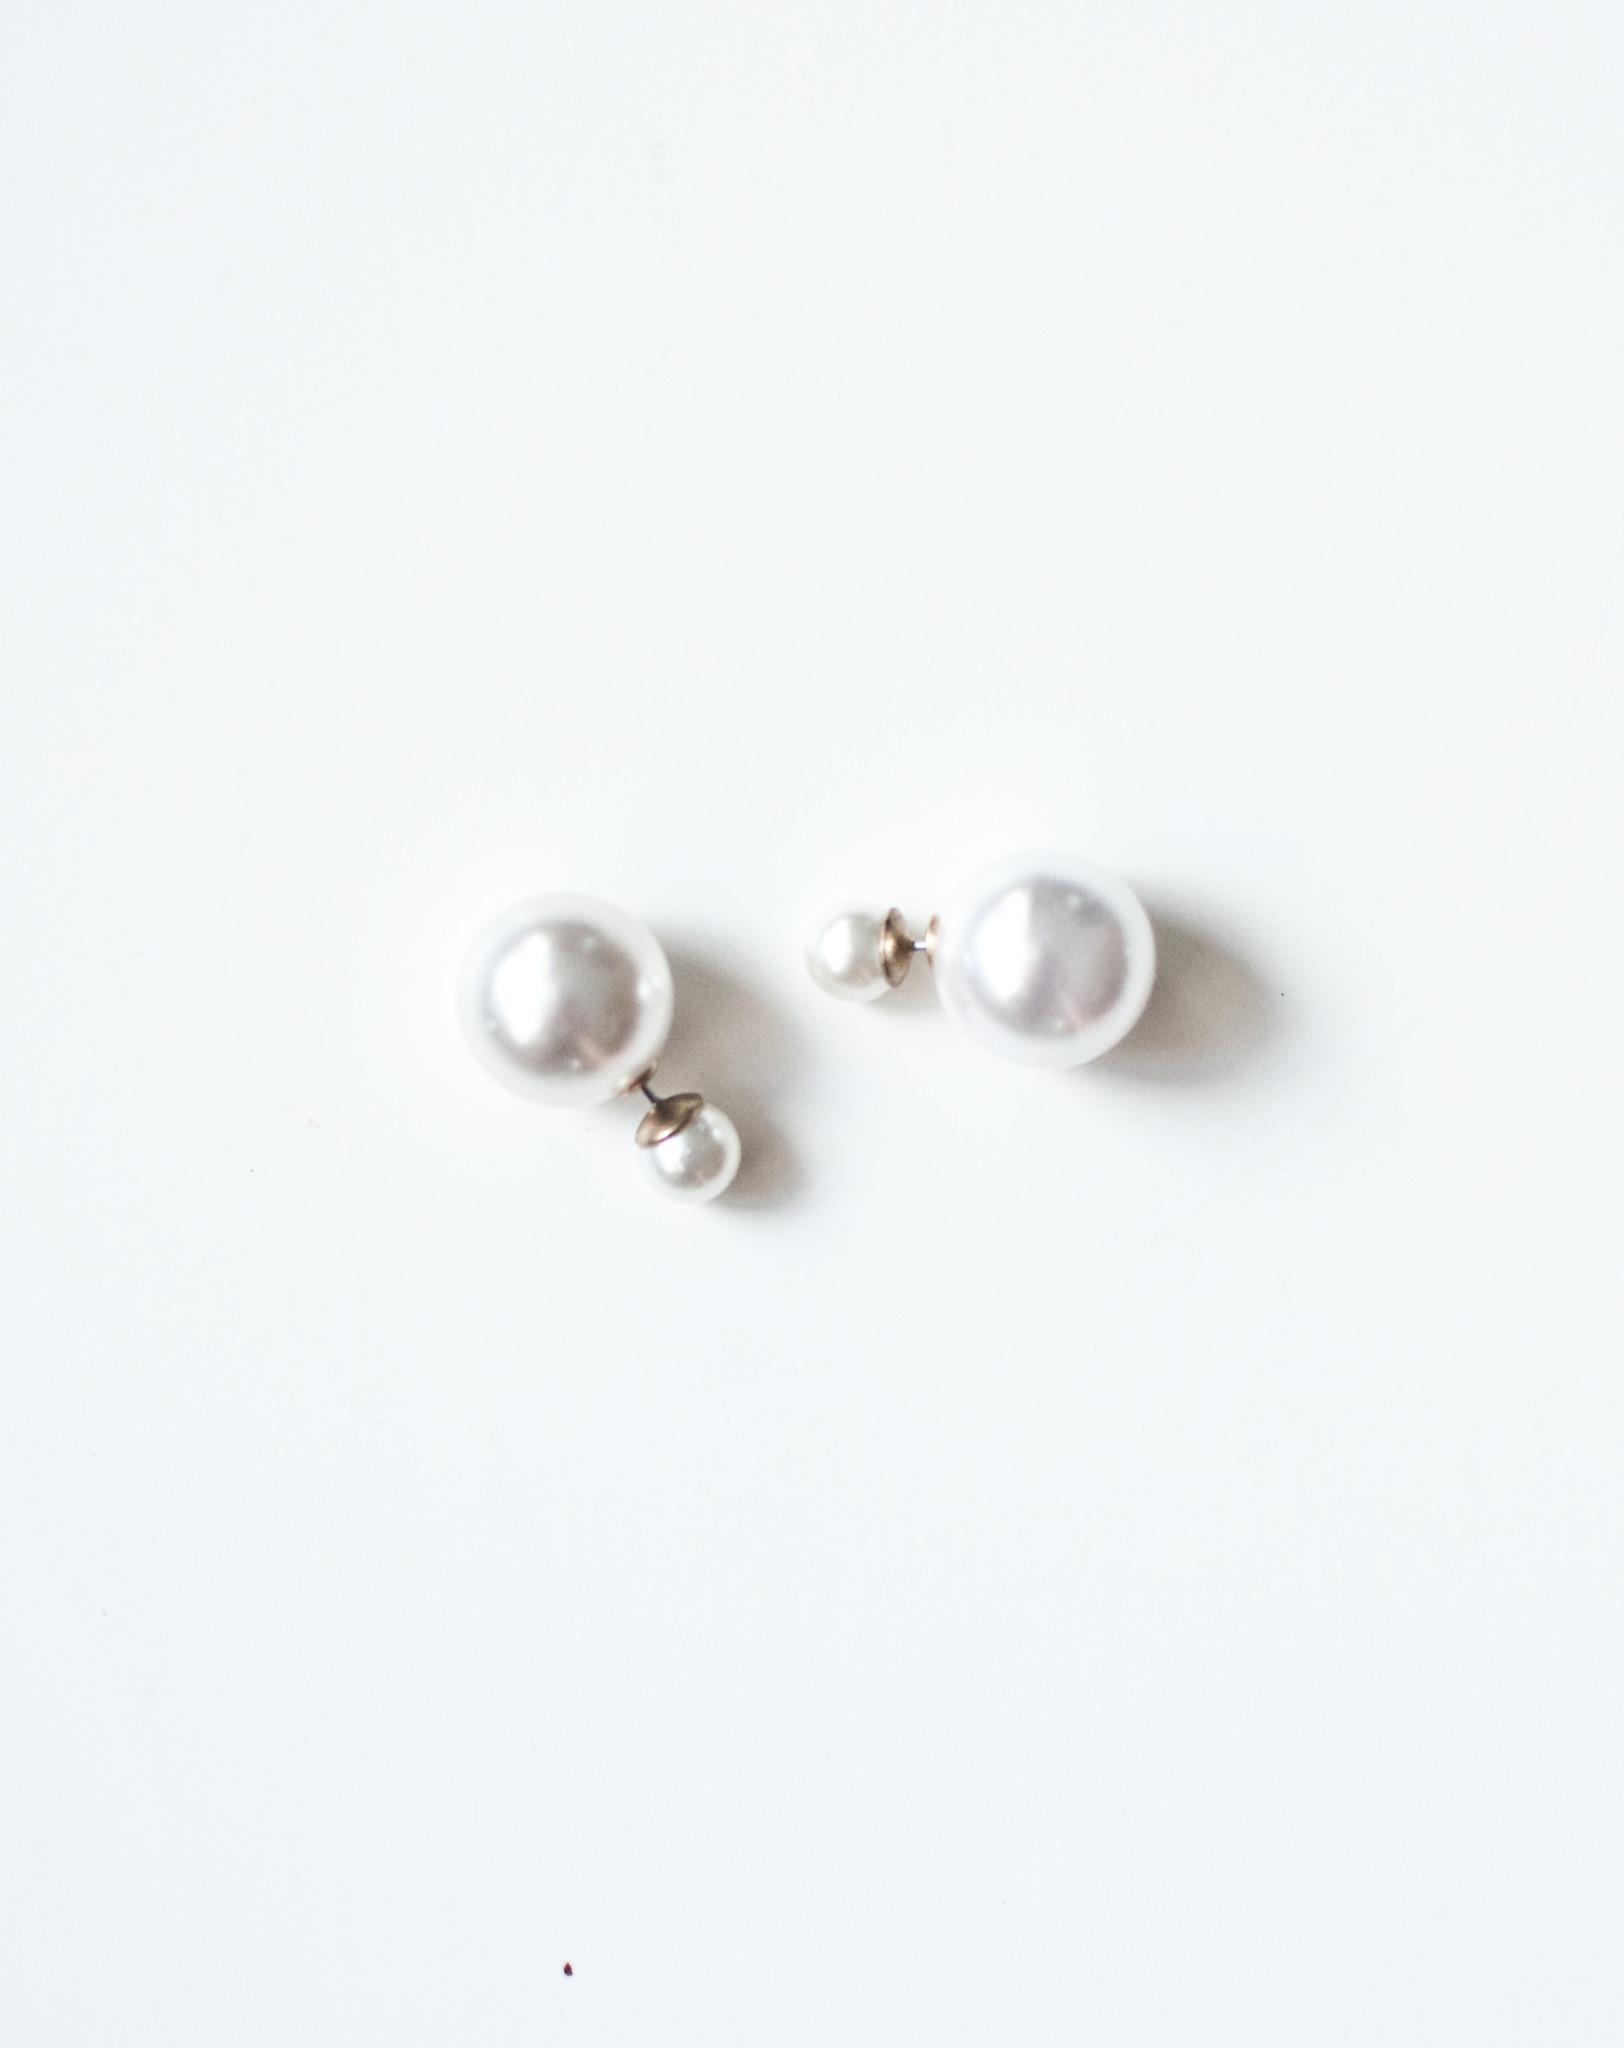 Double back pearl earring